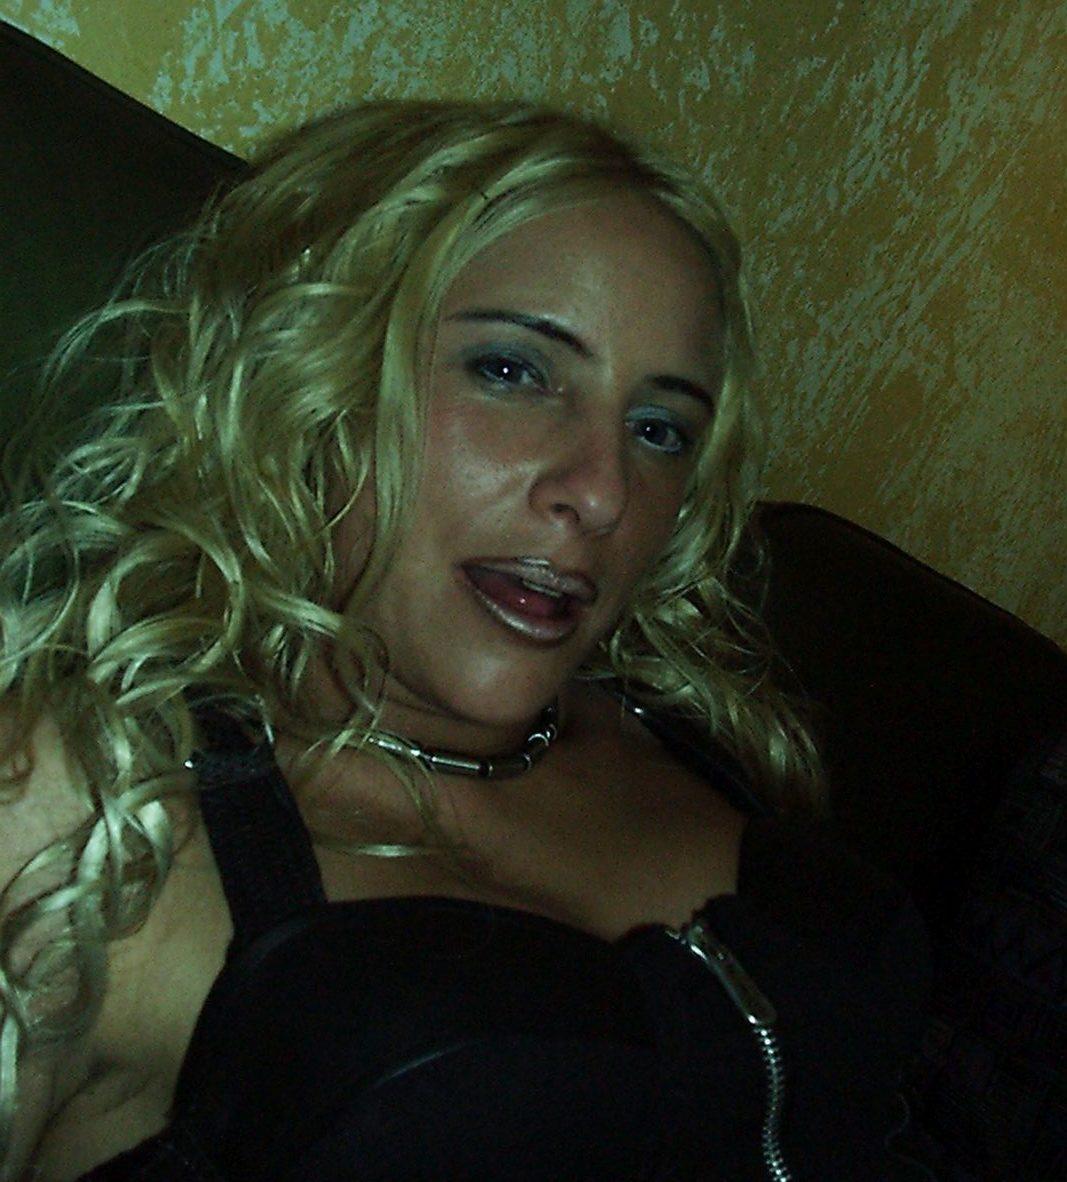 Gesicht einer schönen Blondine